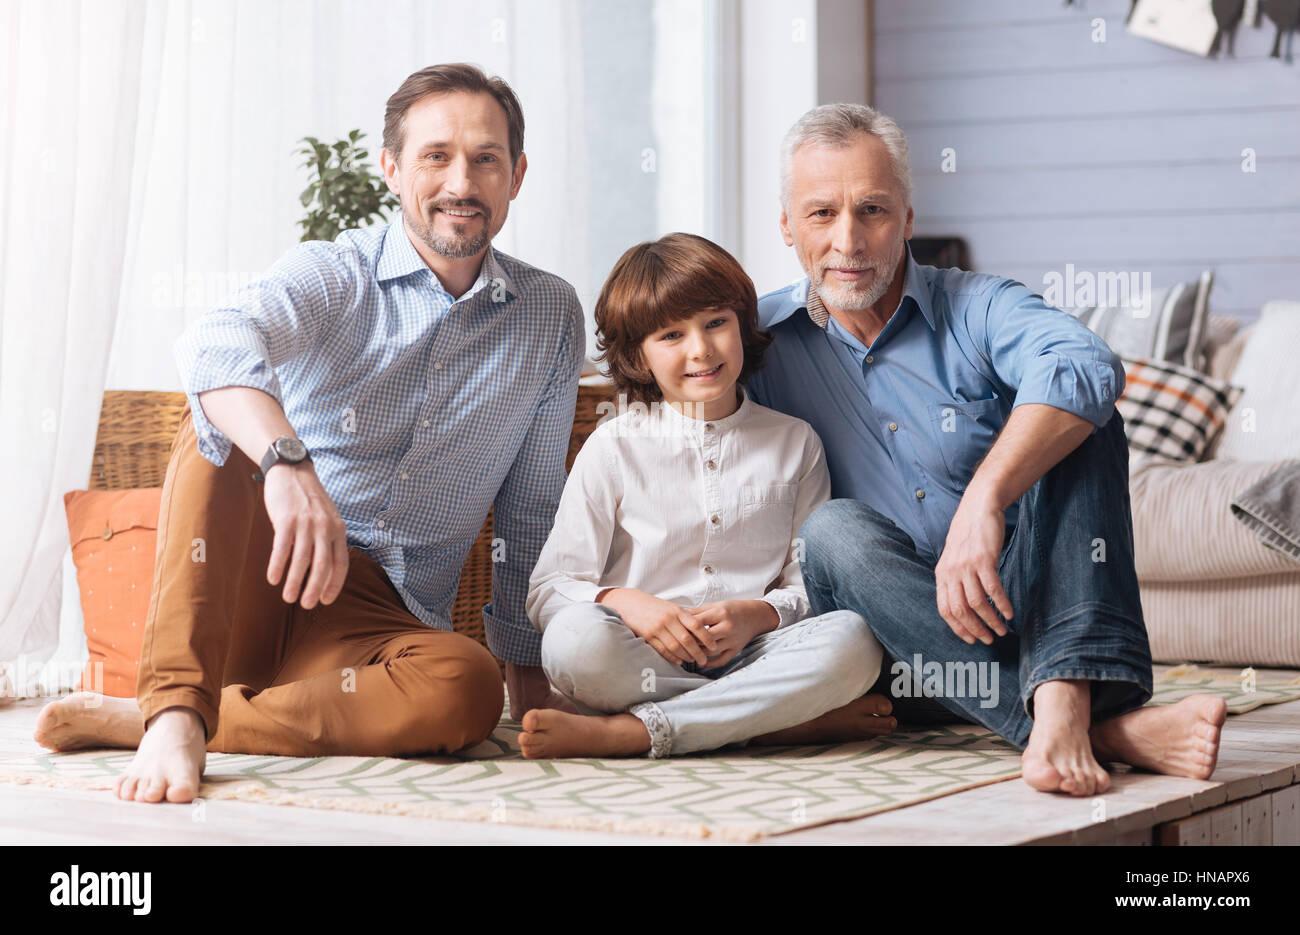 Bella famiglia amichevole seduti insieme Immagini Stock